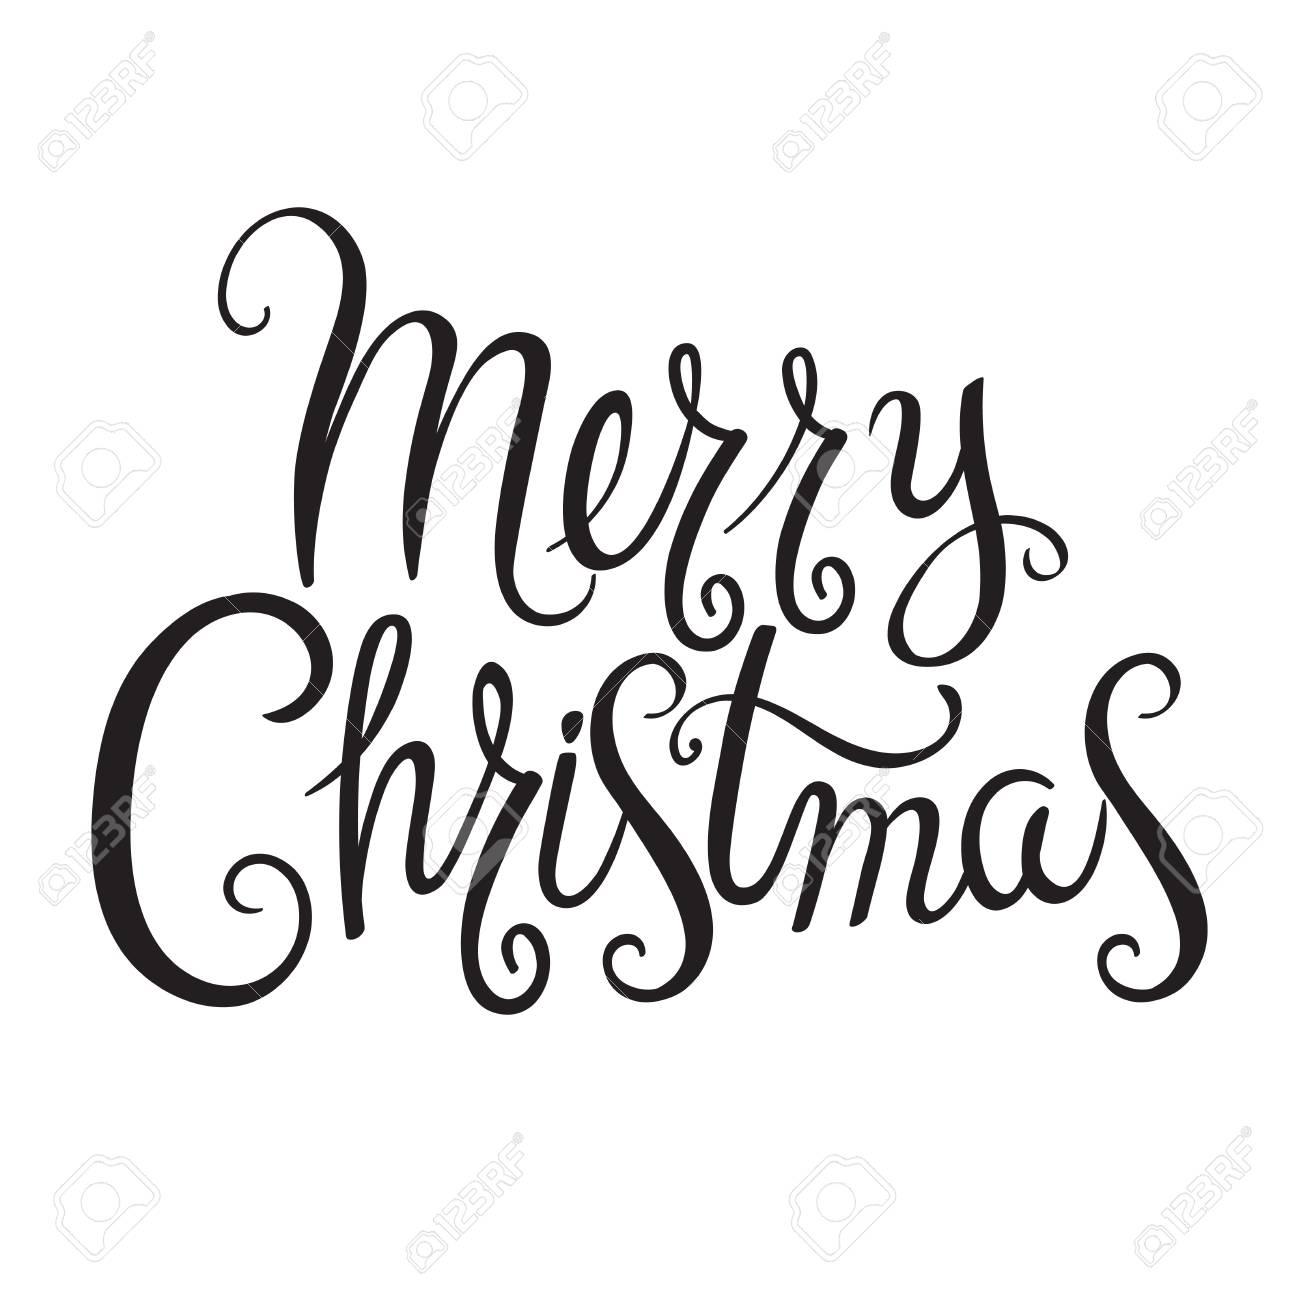 Mano De Diseño Caligráfico Dibujado Feliz Navidad Greeting Text Letras Para La Tarjeta De Invitación Y De Felicitación Grabados Y Carteles